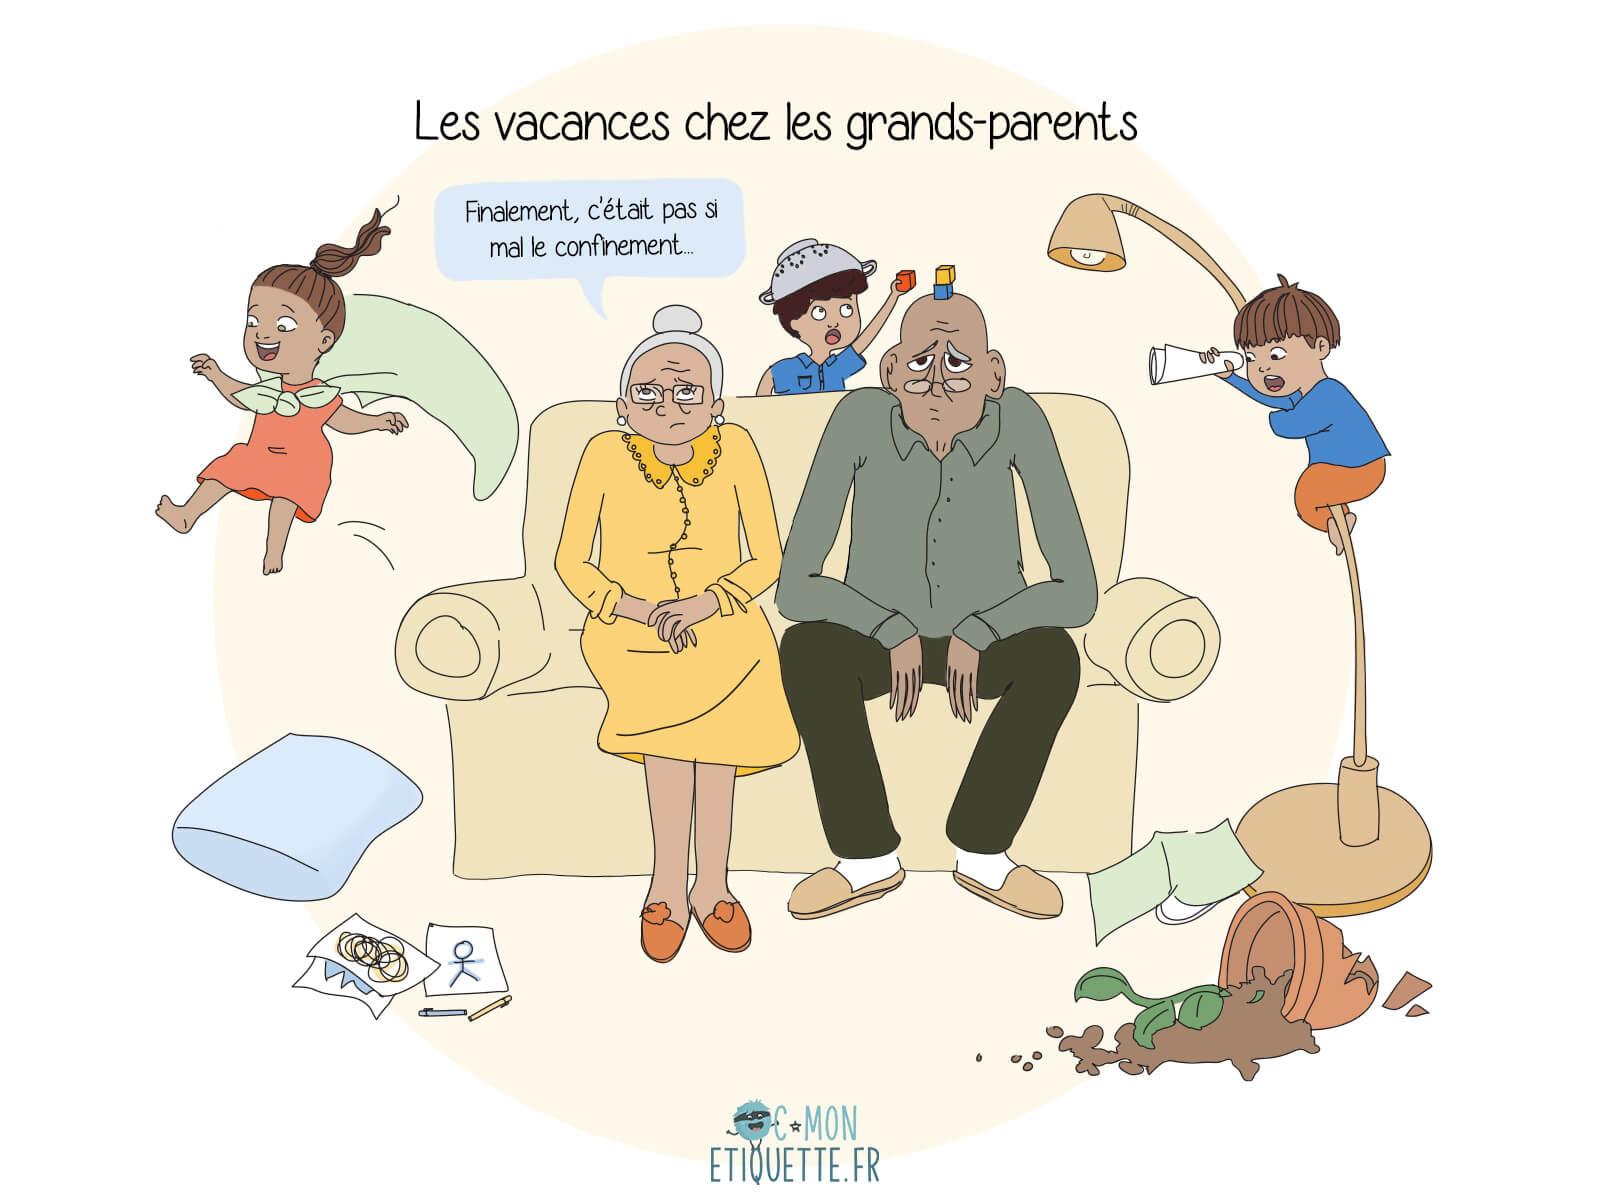 Pendant les vacances, beaucoup rêvent de laisser les enfants chez les grands-parents… Au grand dam de ces derniers !